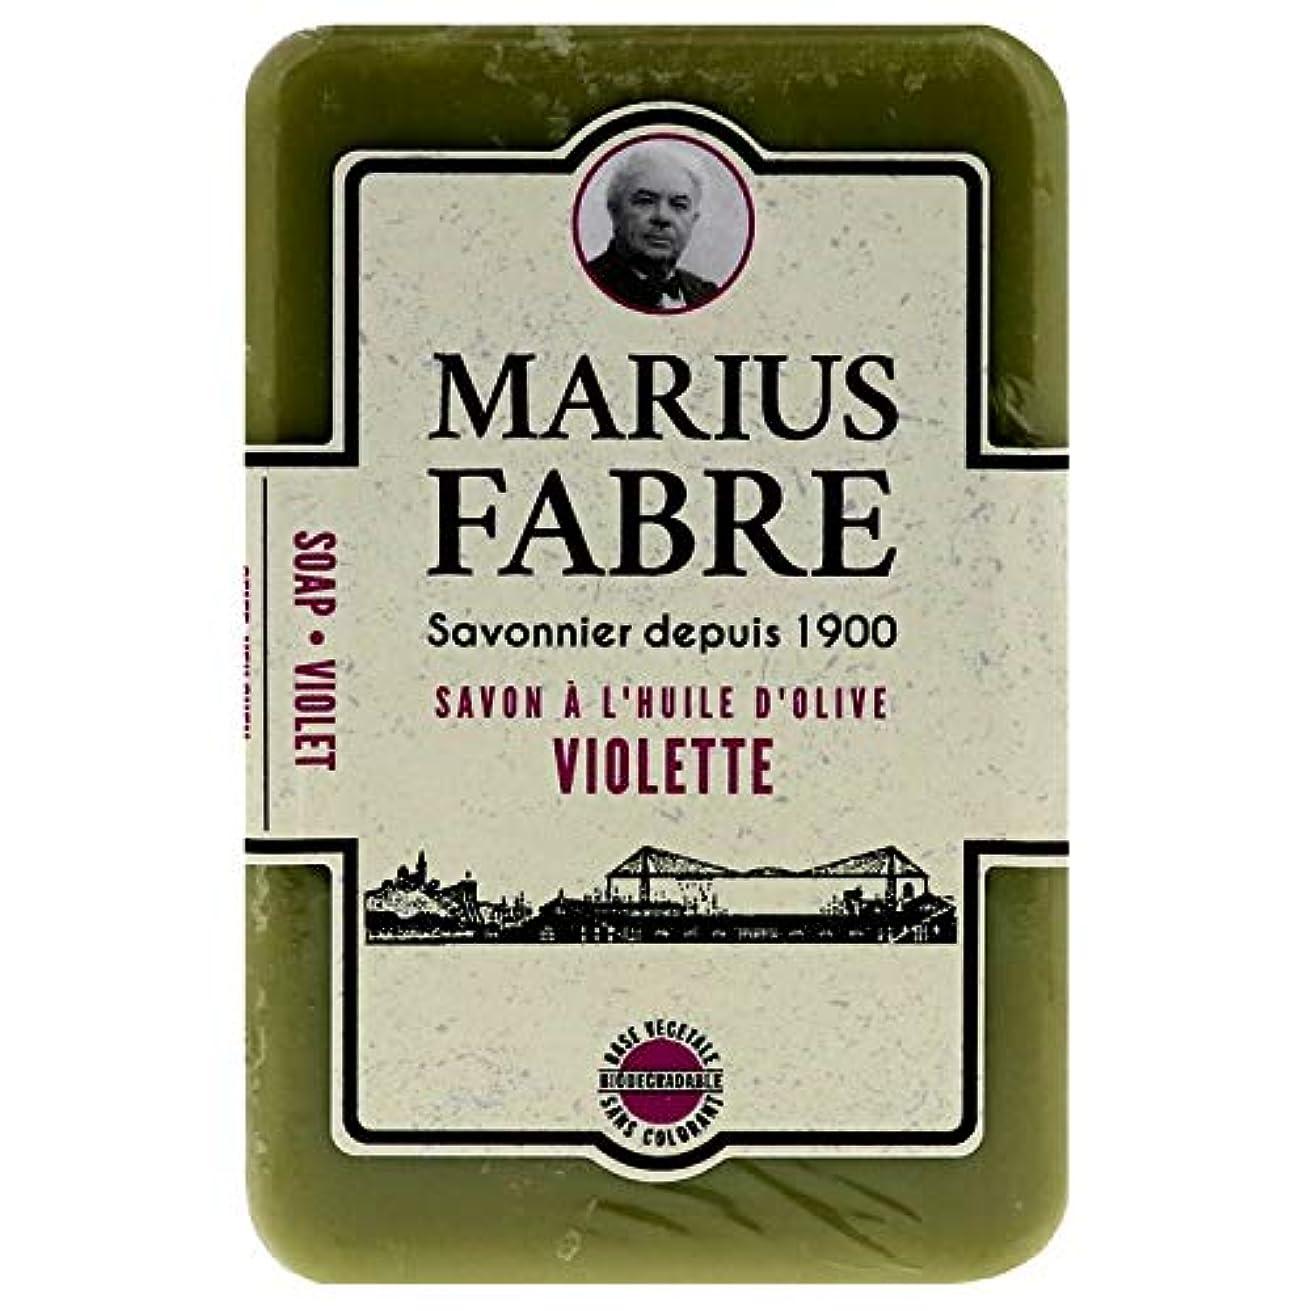 みぞれ増幅するセールスマンサボンドマルセイユ 1900 バイオレット 250g